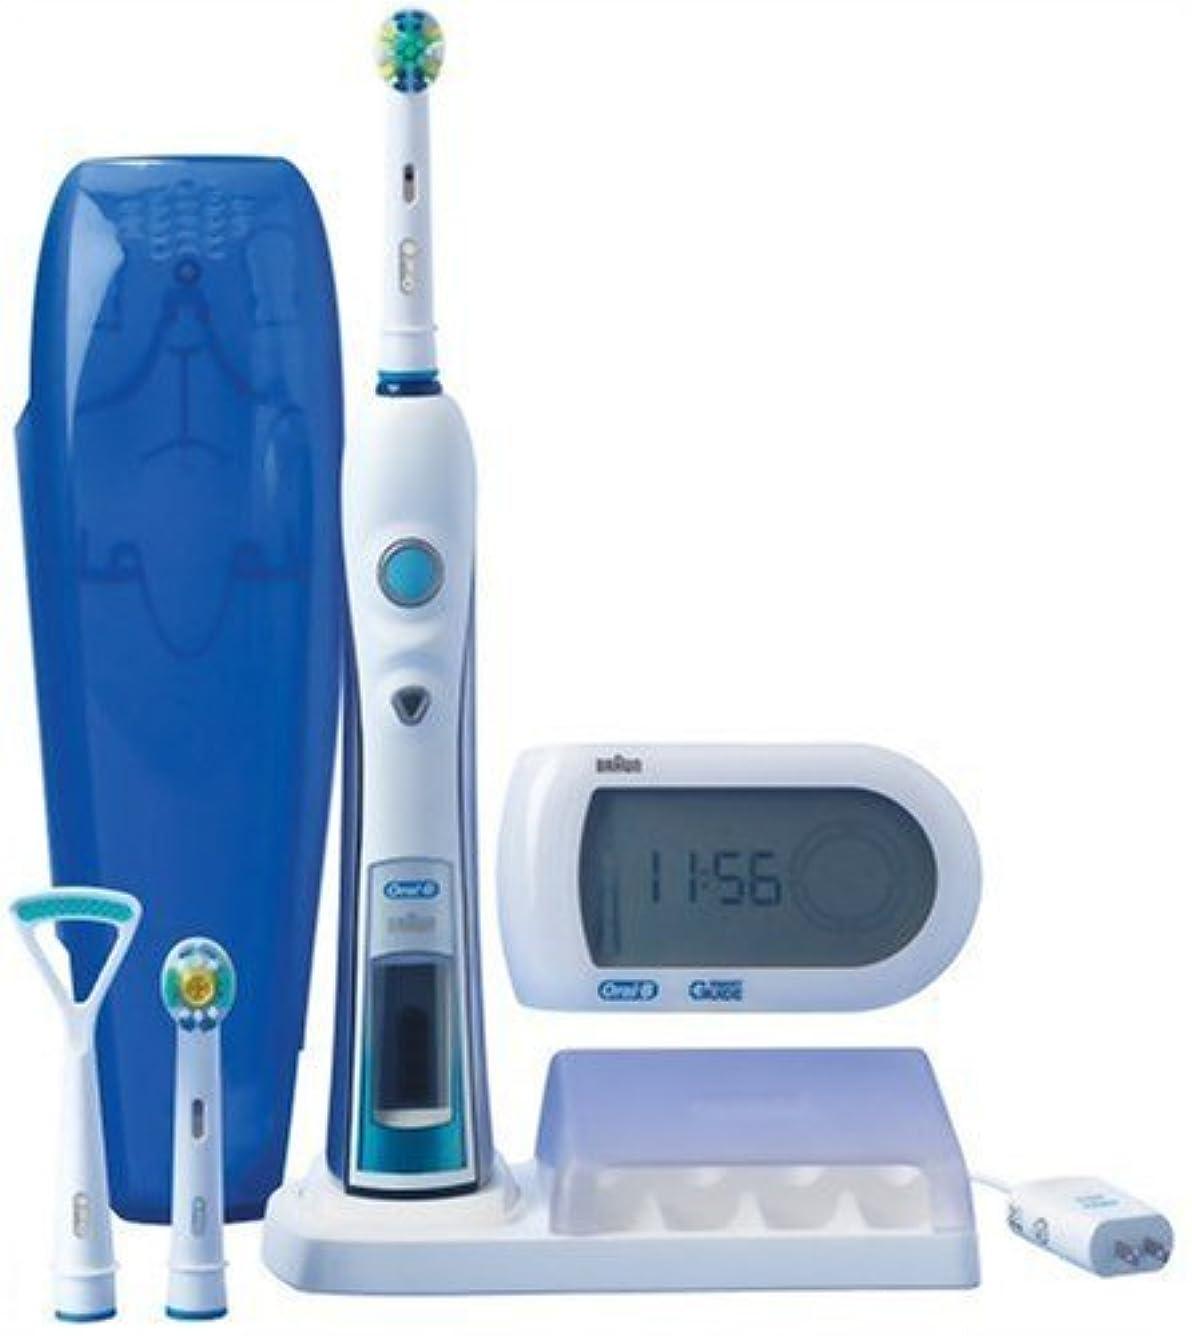 ヘビセントナースブラウン オーラルB 電動歯ブラシ 多機能ハイグレードモデル 歯磨きナビ付 D325365X